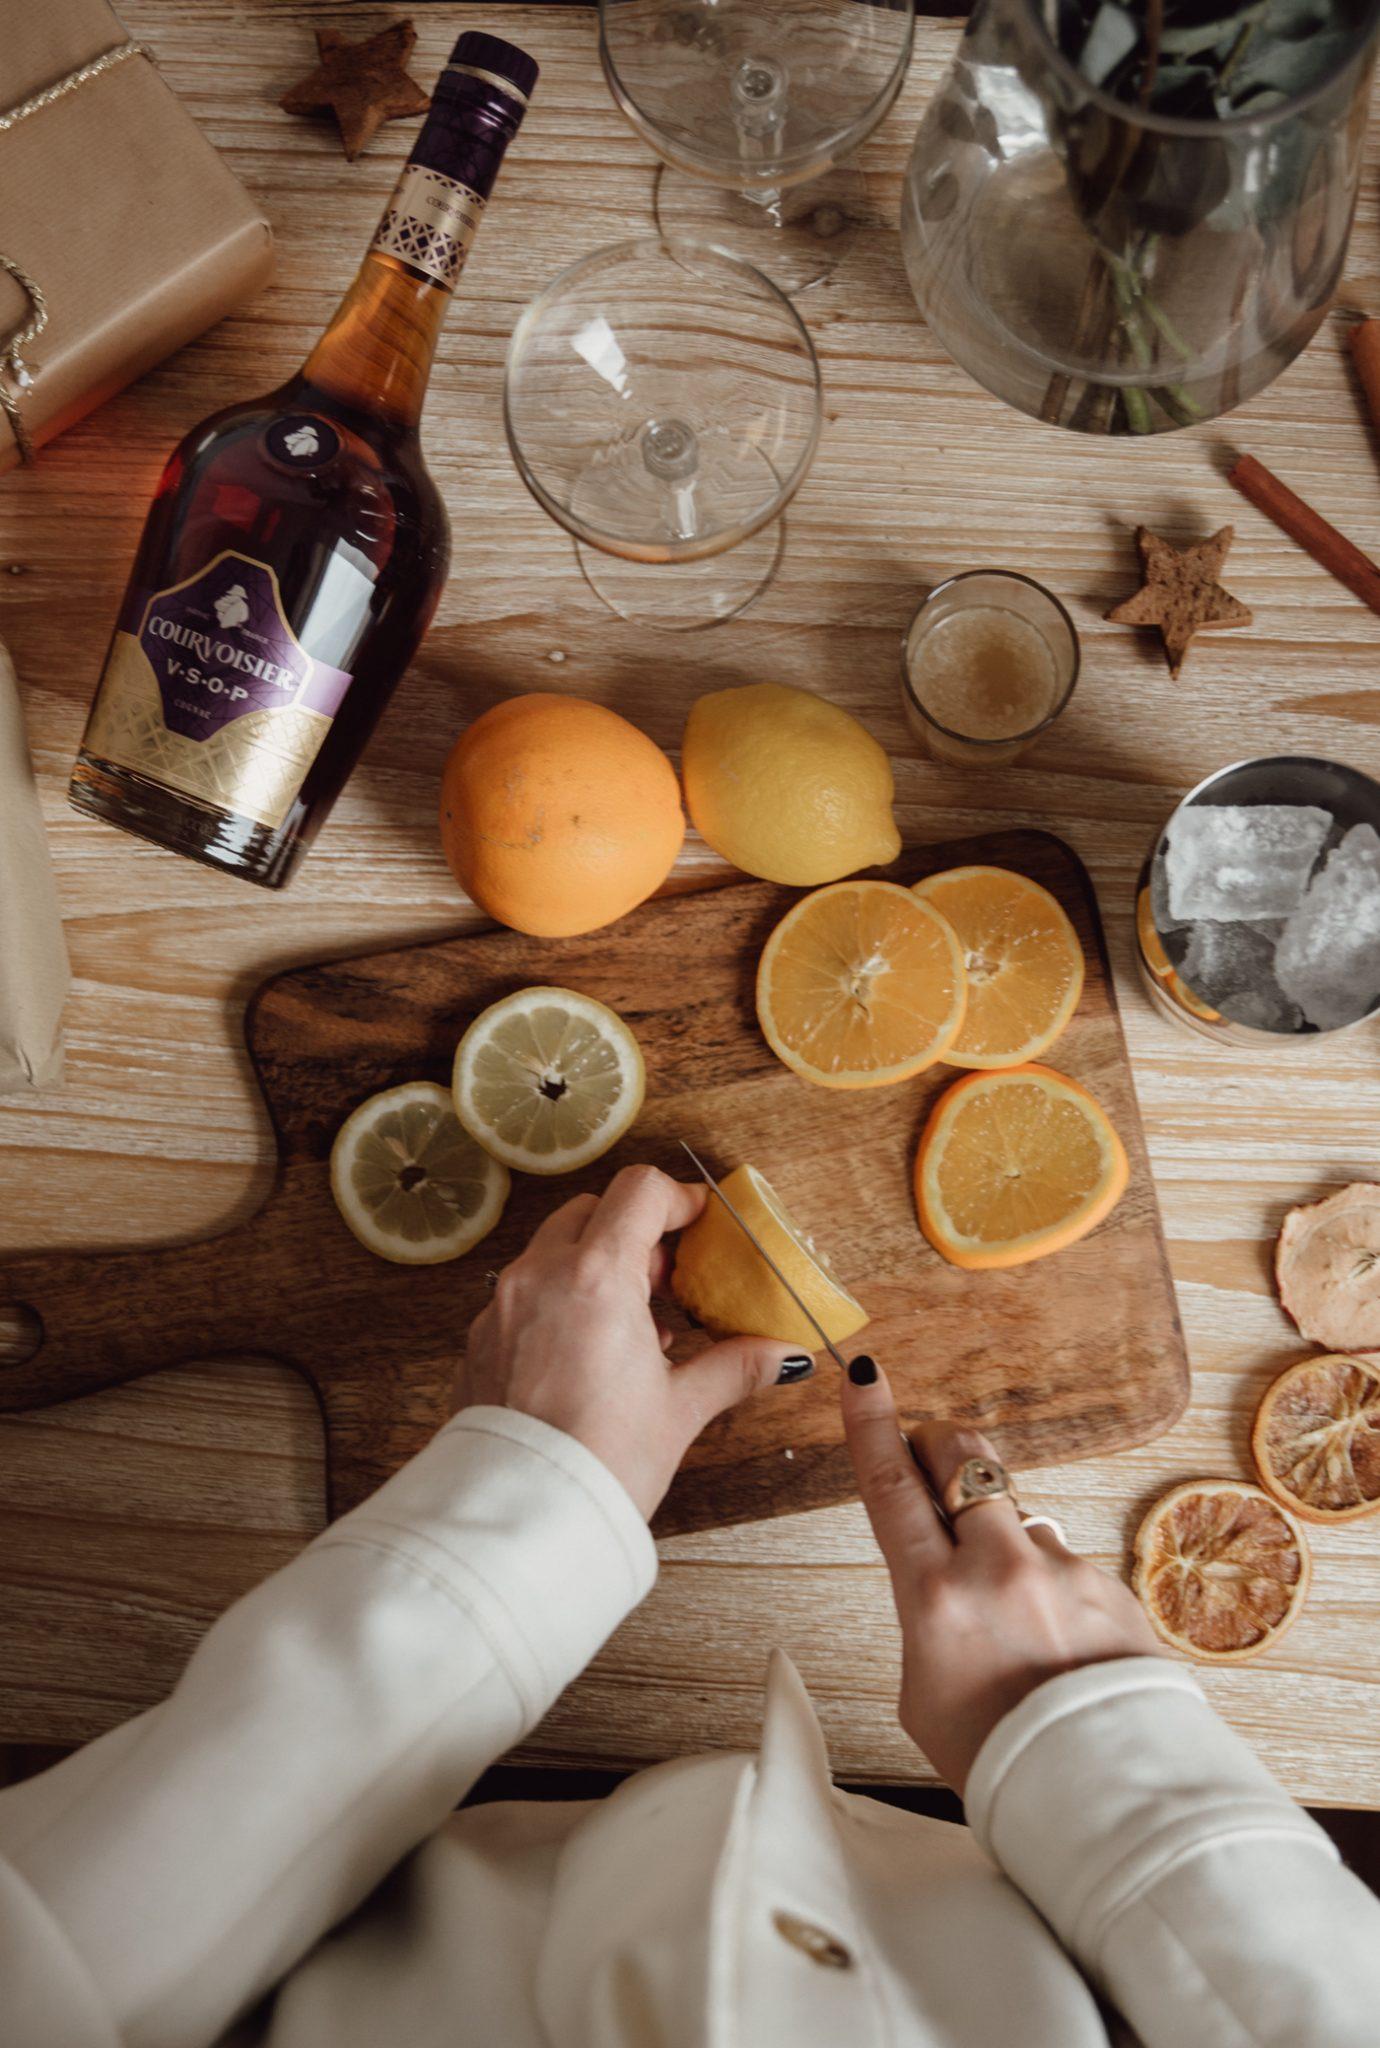 Image for Cocktails für Weihnachten mit Courvoisier Cognac